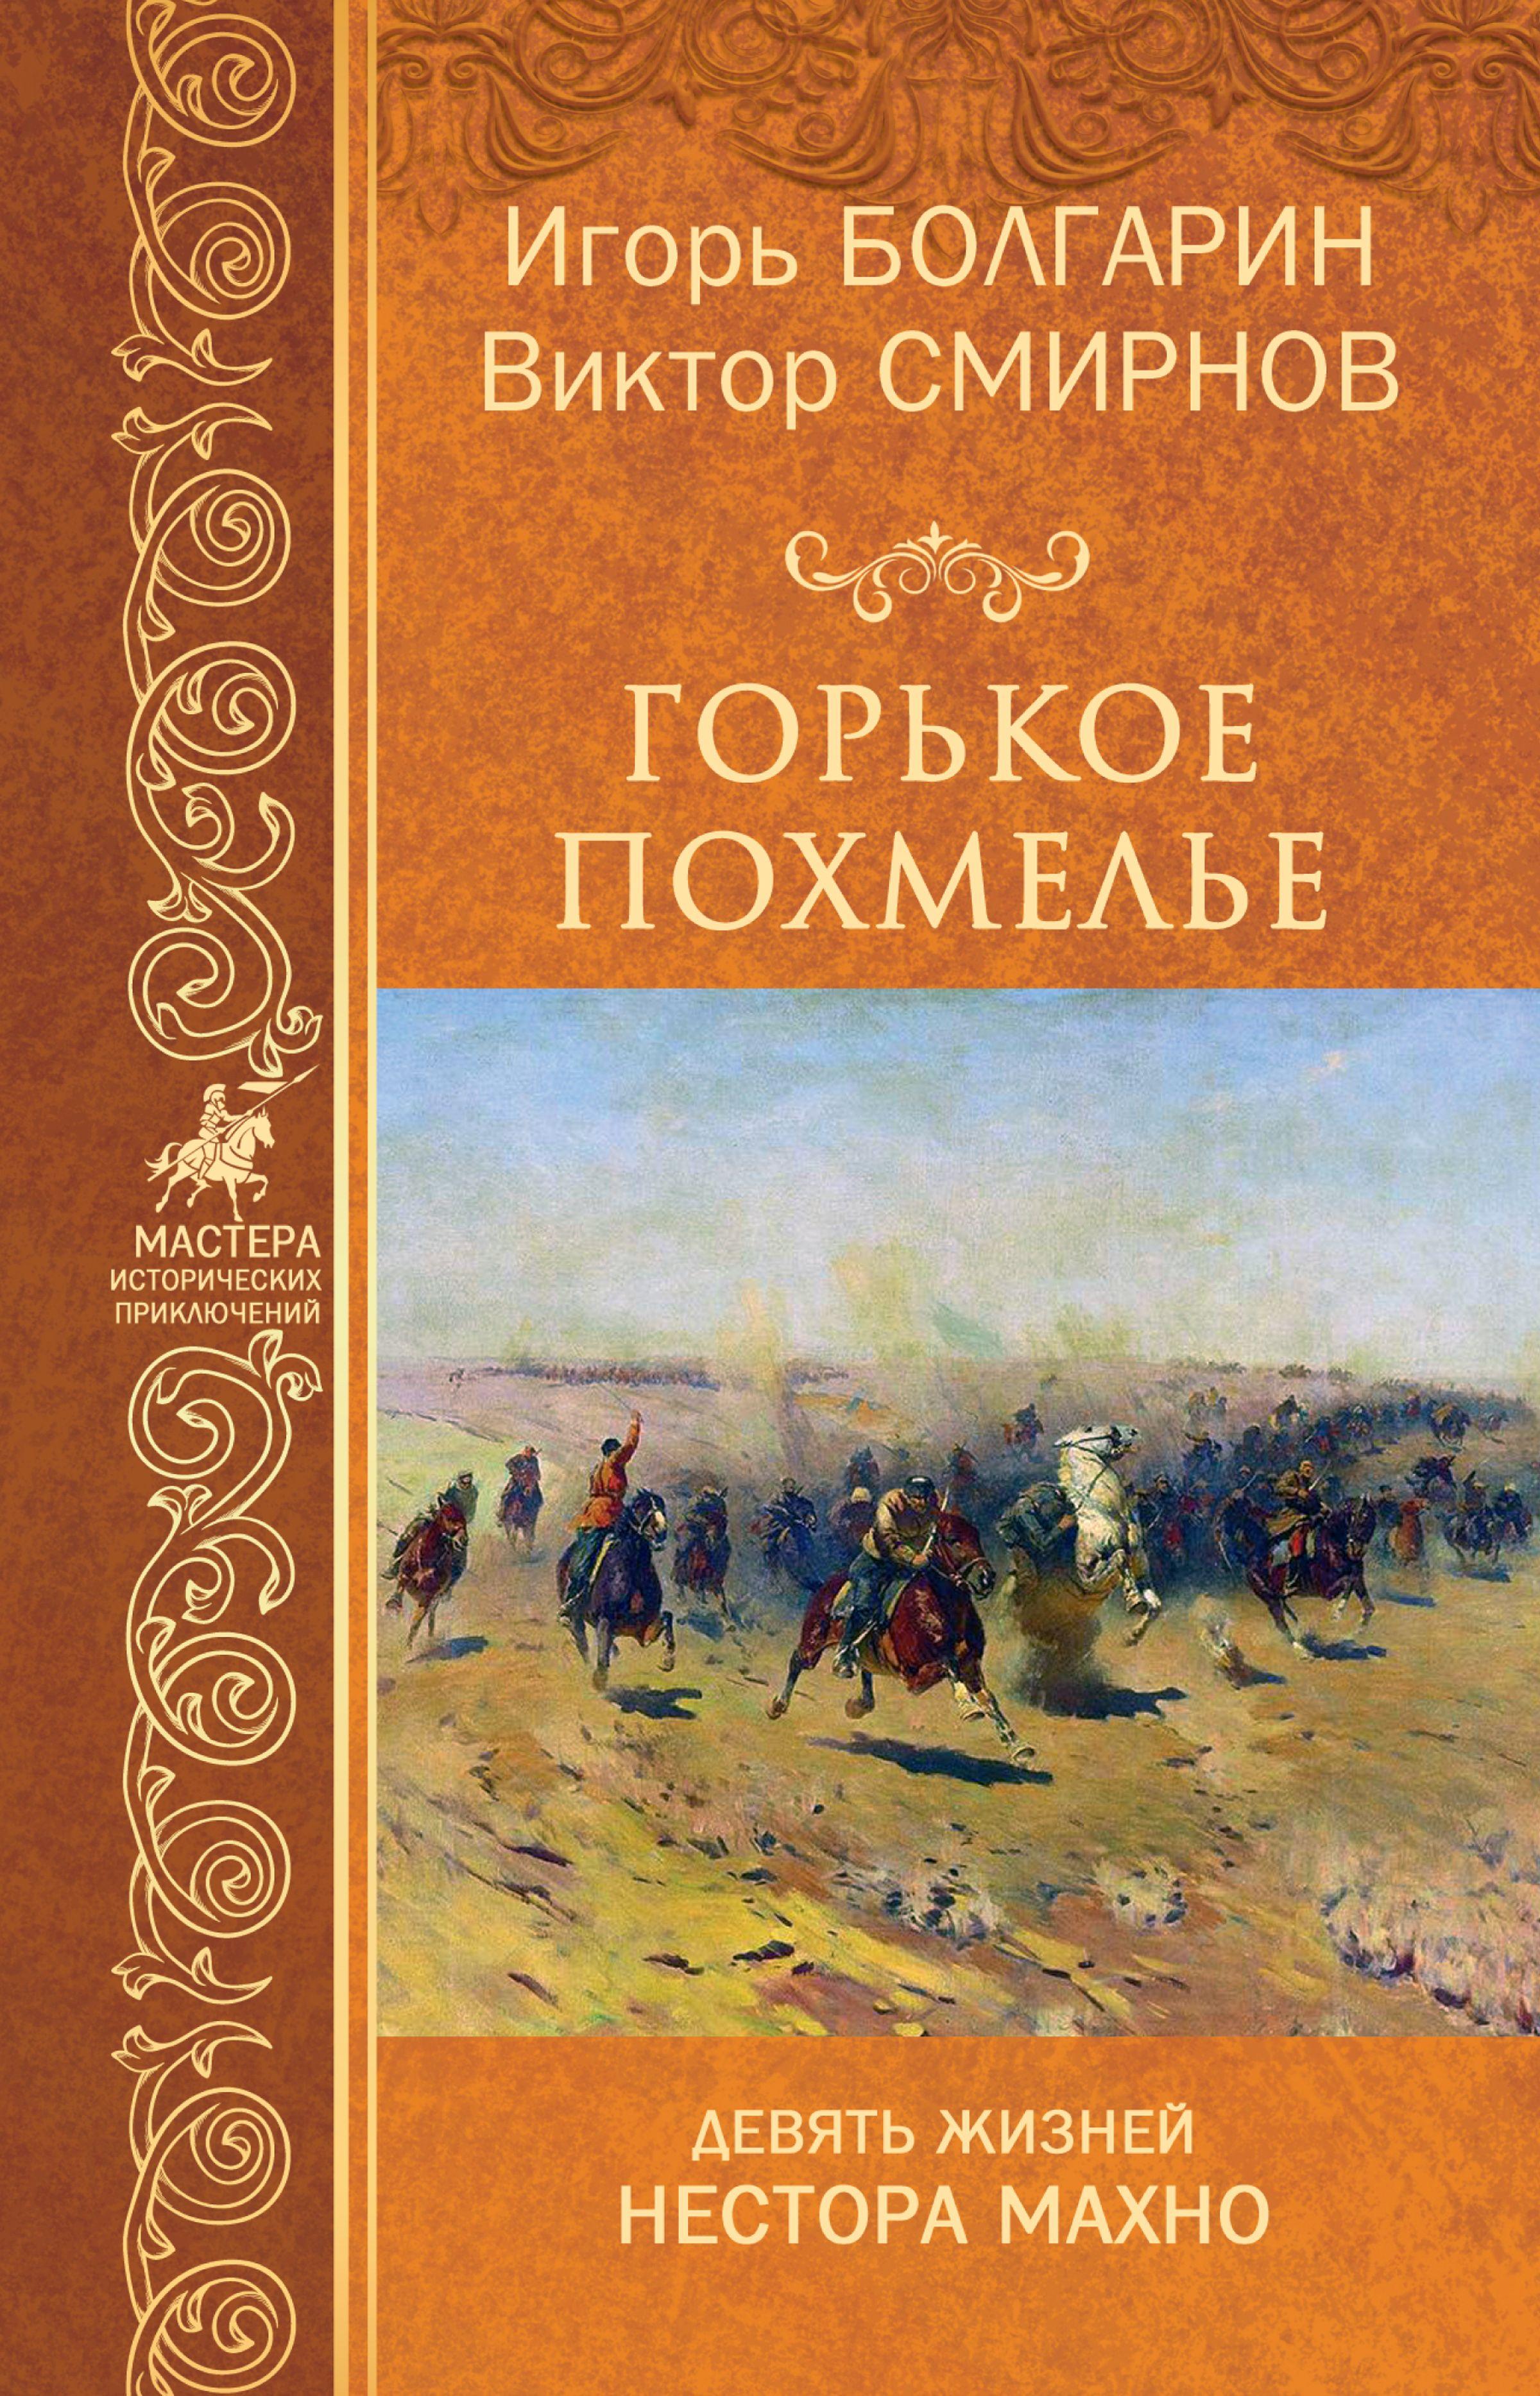 Купить книгу Горькое похмелье, автора Виктора Смирнова